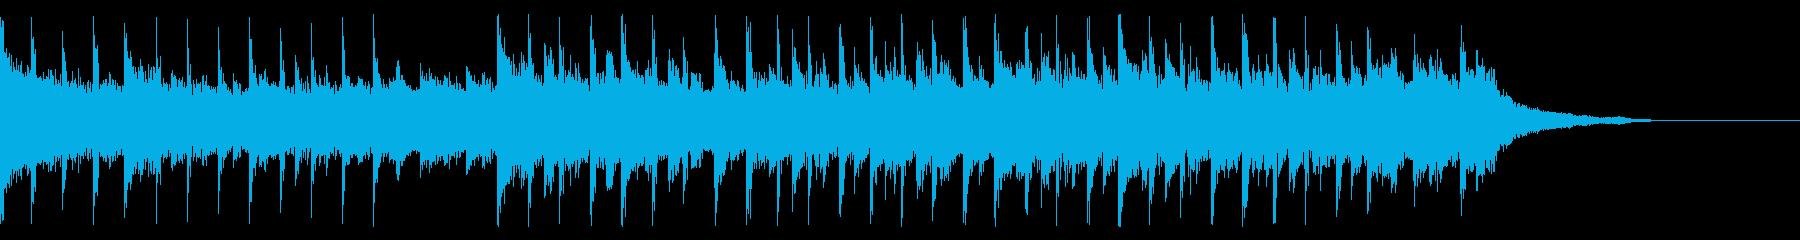 人気のある電子機器 スタイリッシュ...の再生済みの波形